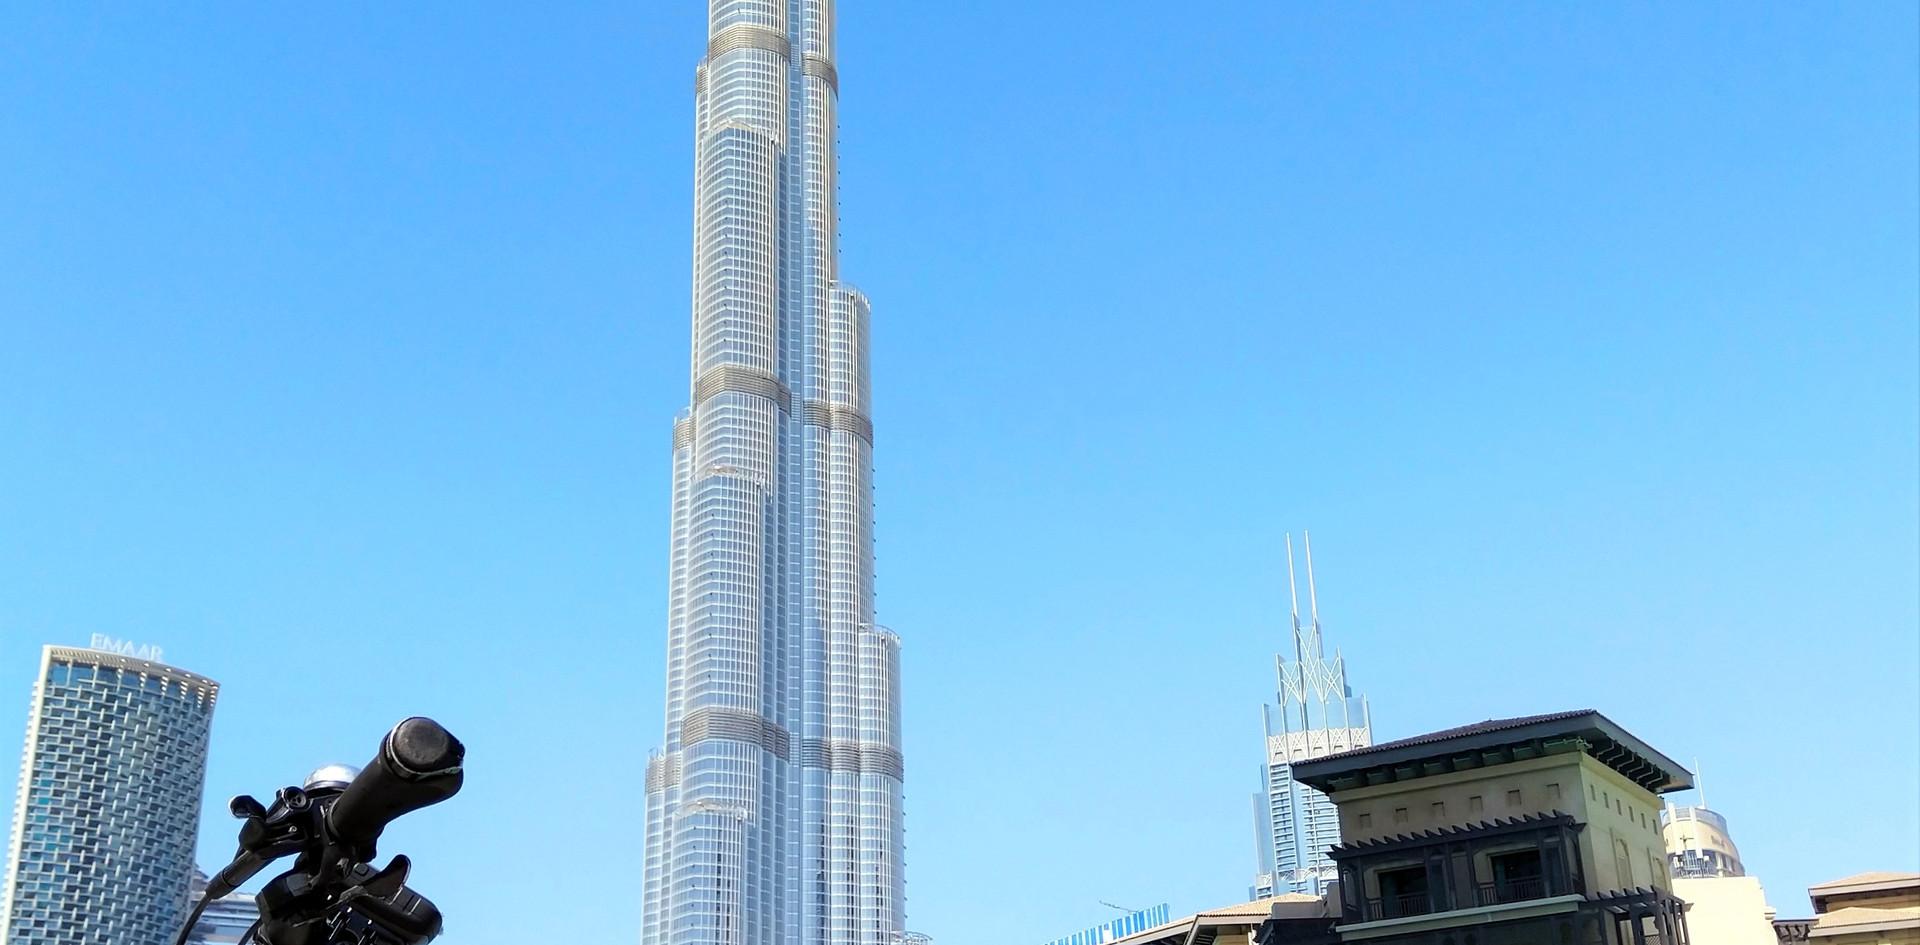 Vereinigte Arabische Emirate, Dubai